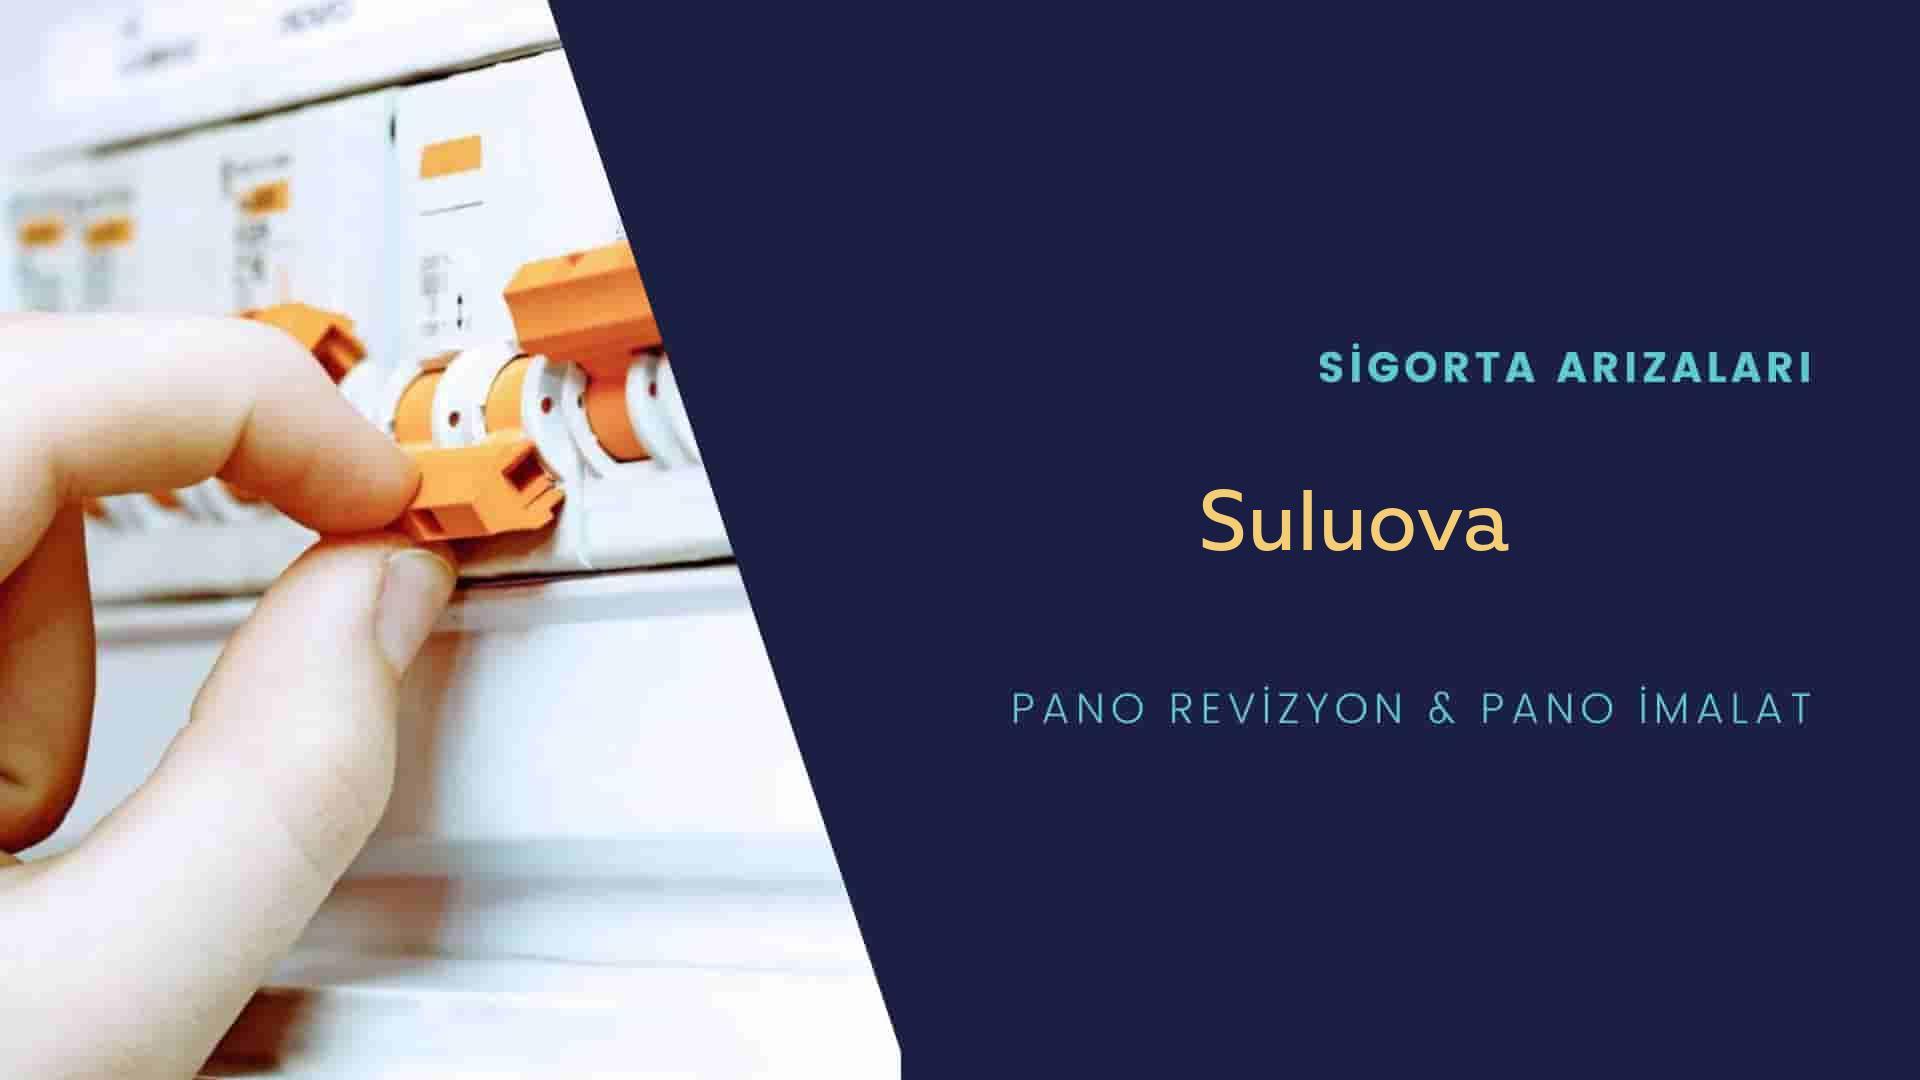 Suluova Sigorta Arızaları İçin Profesyonel Elektrikçi ustalarımızı dilediğiniz zaman arayabilir talepte bulunabilirsiniz.